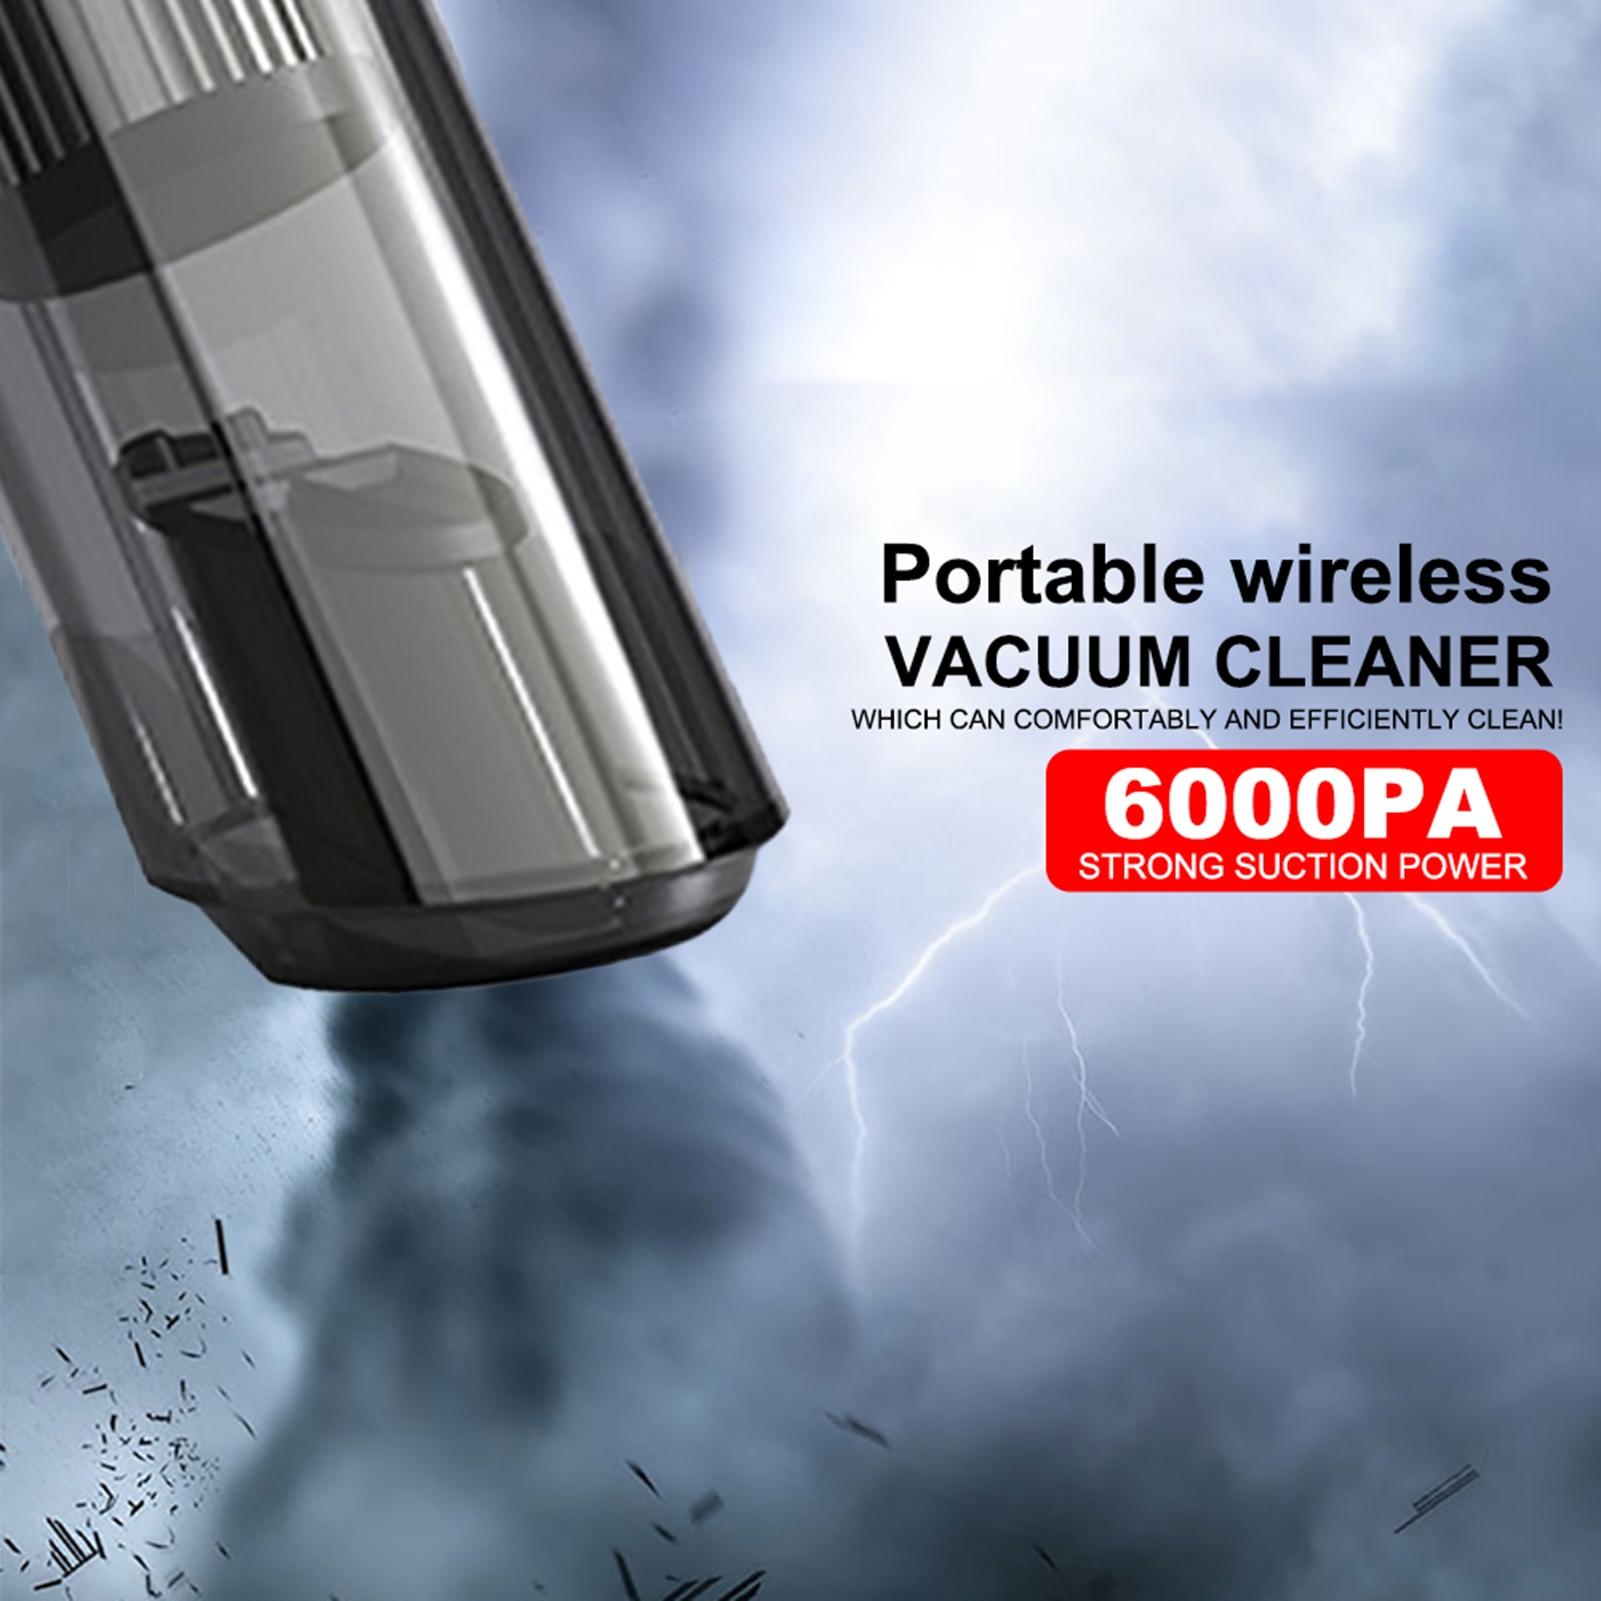 Беспроводной автомобильный пылесос Ai CAR FUN, 120 Вт, 6000 па, беспроводной ручной автомобильный пылесос двойного использования, мини-пылесос